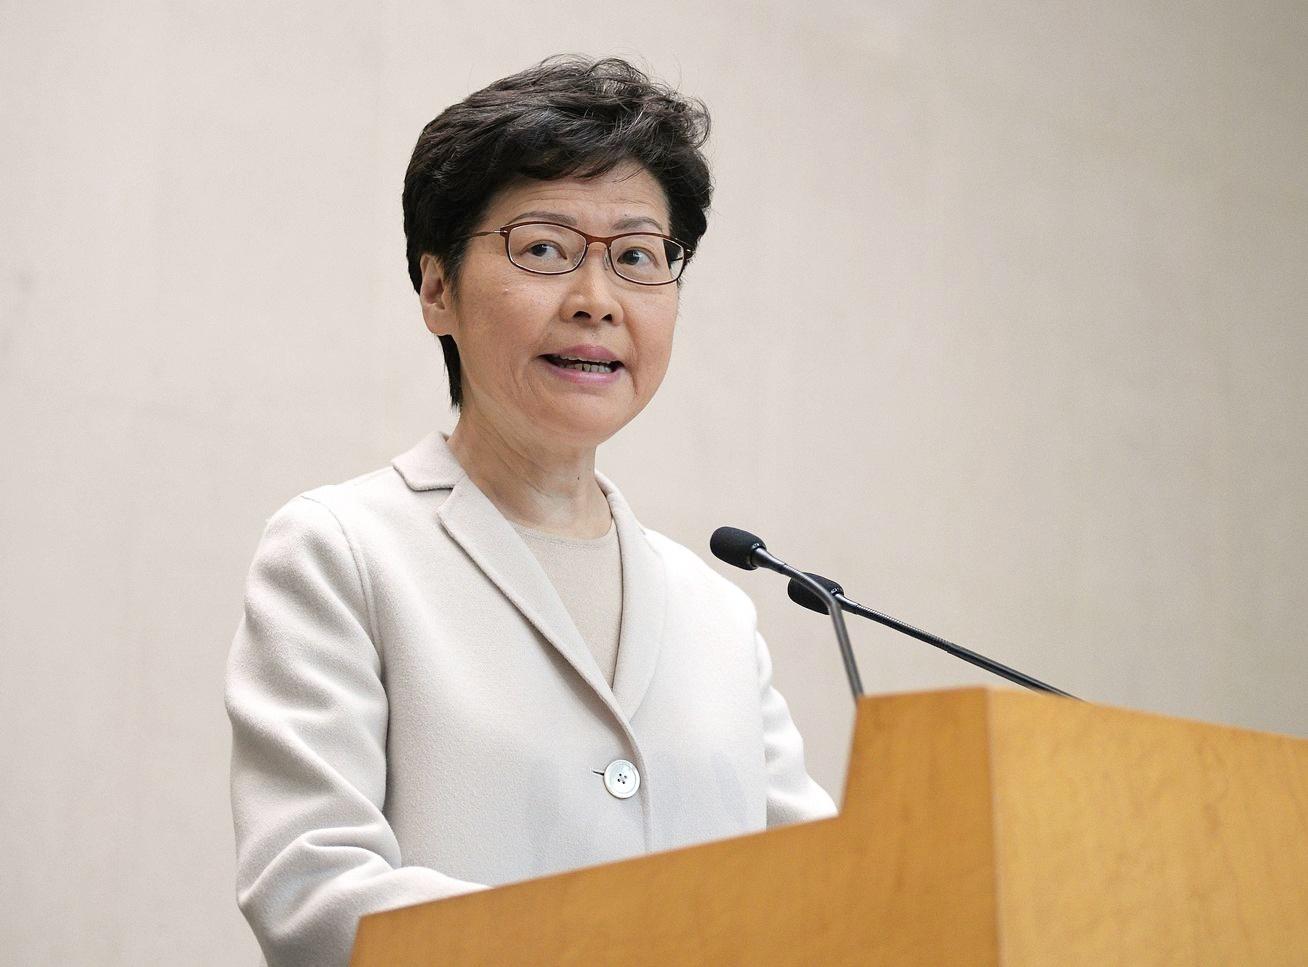 林鄭月娥早前表示,考慮設獨立檢討委員會。資料圖片